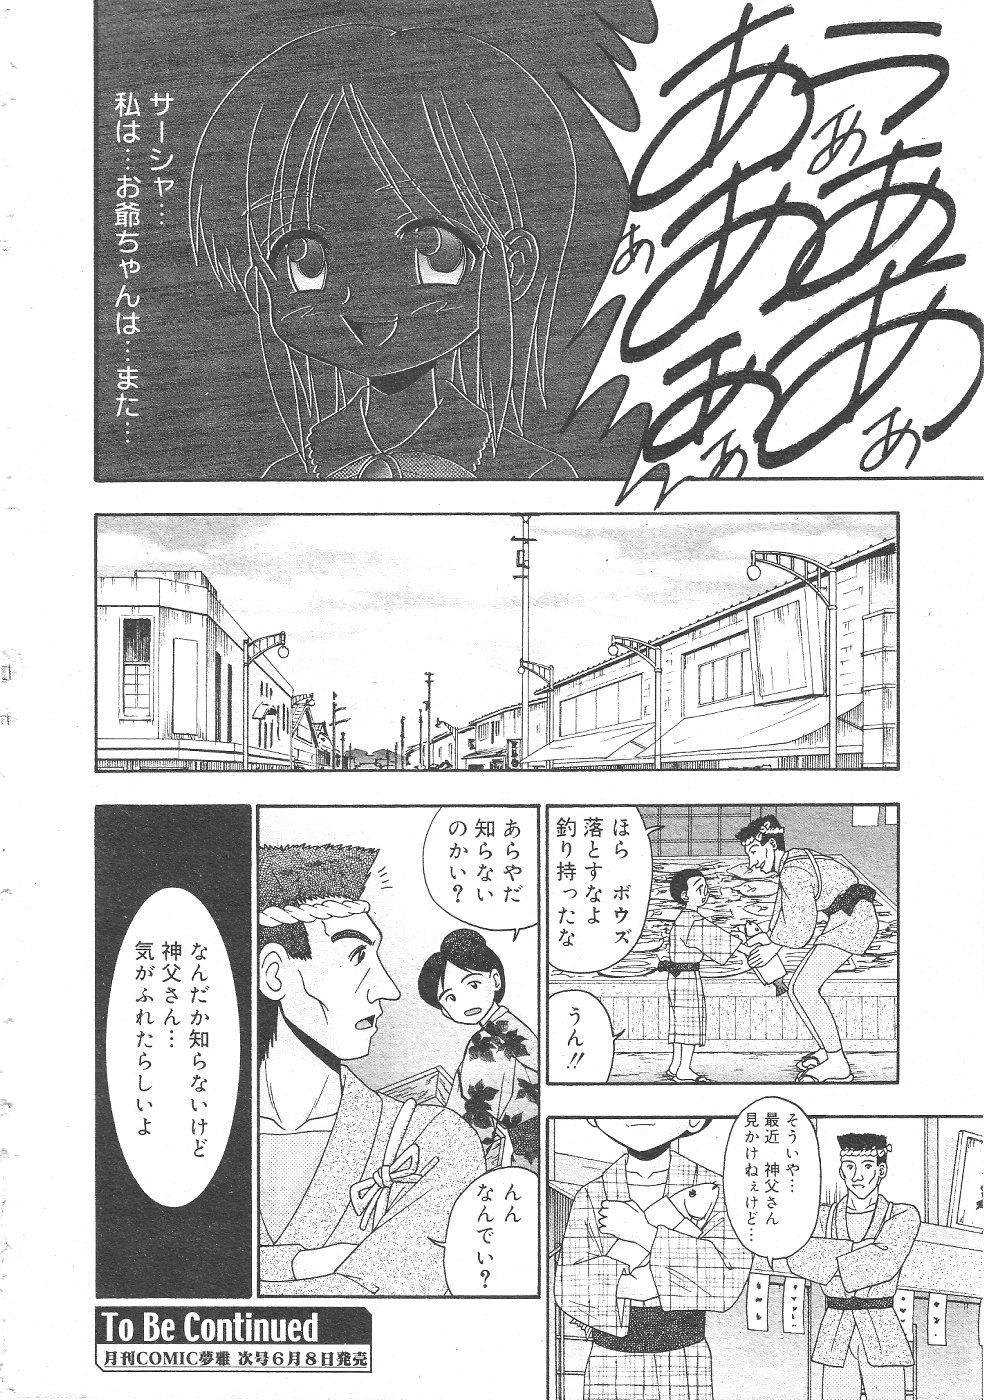 Gekkan Comic Muga 2004-06 Vol.10 149